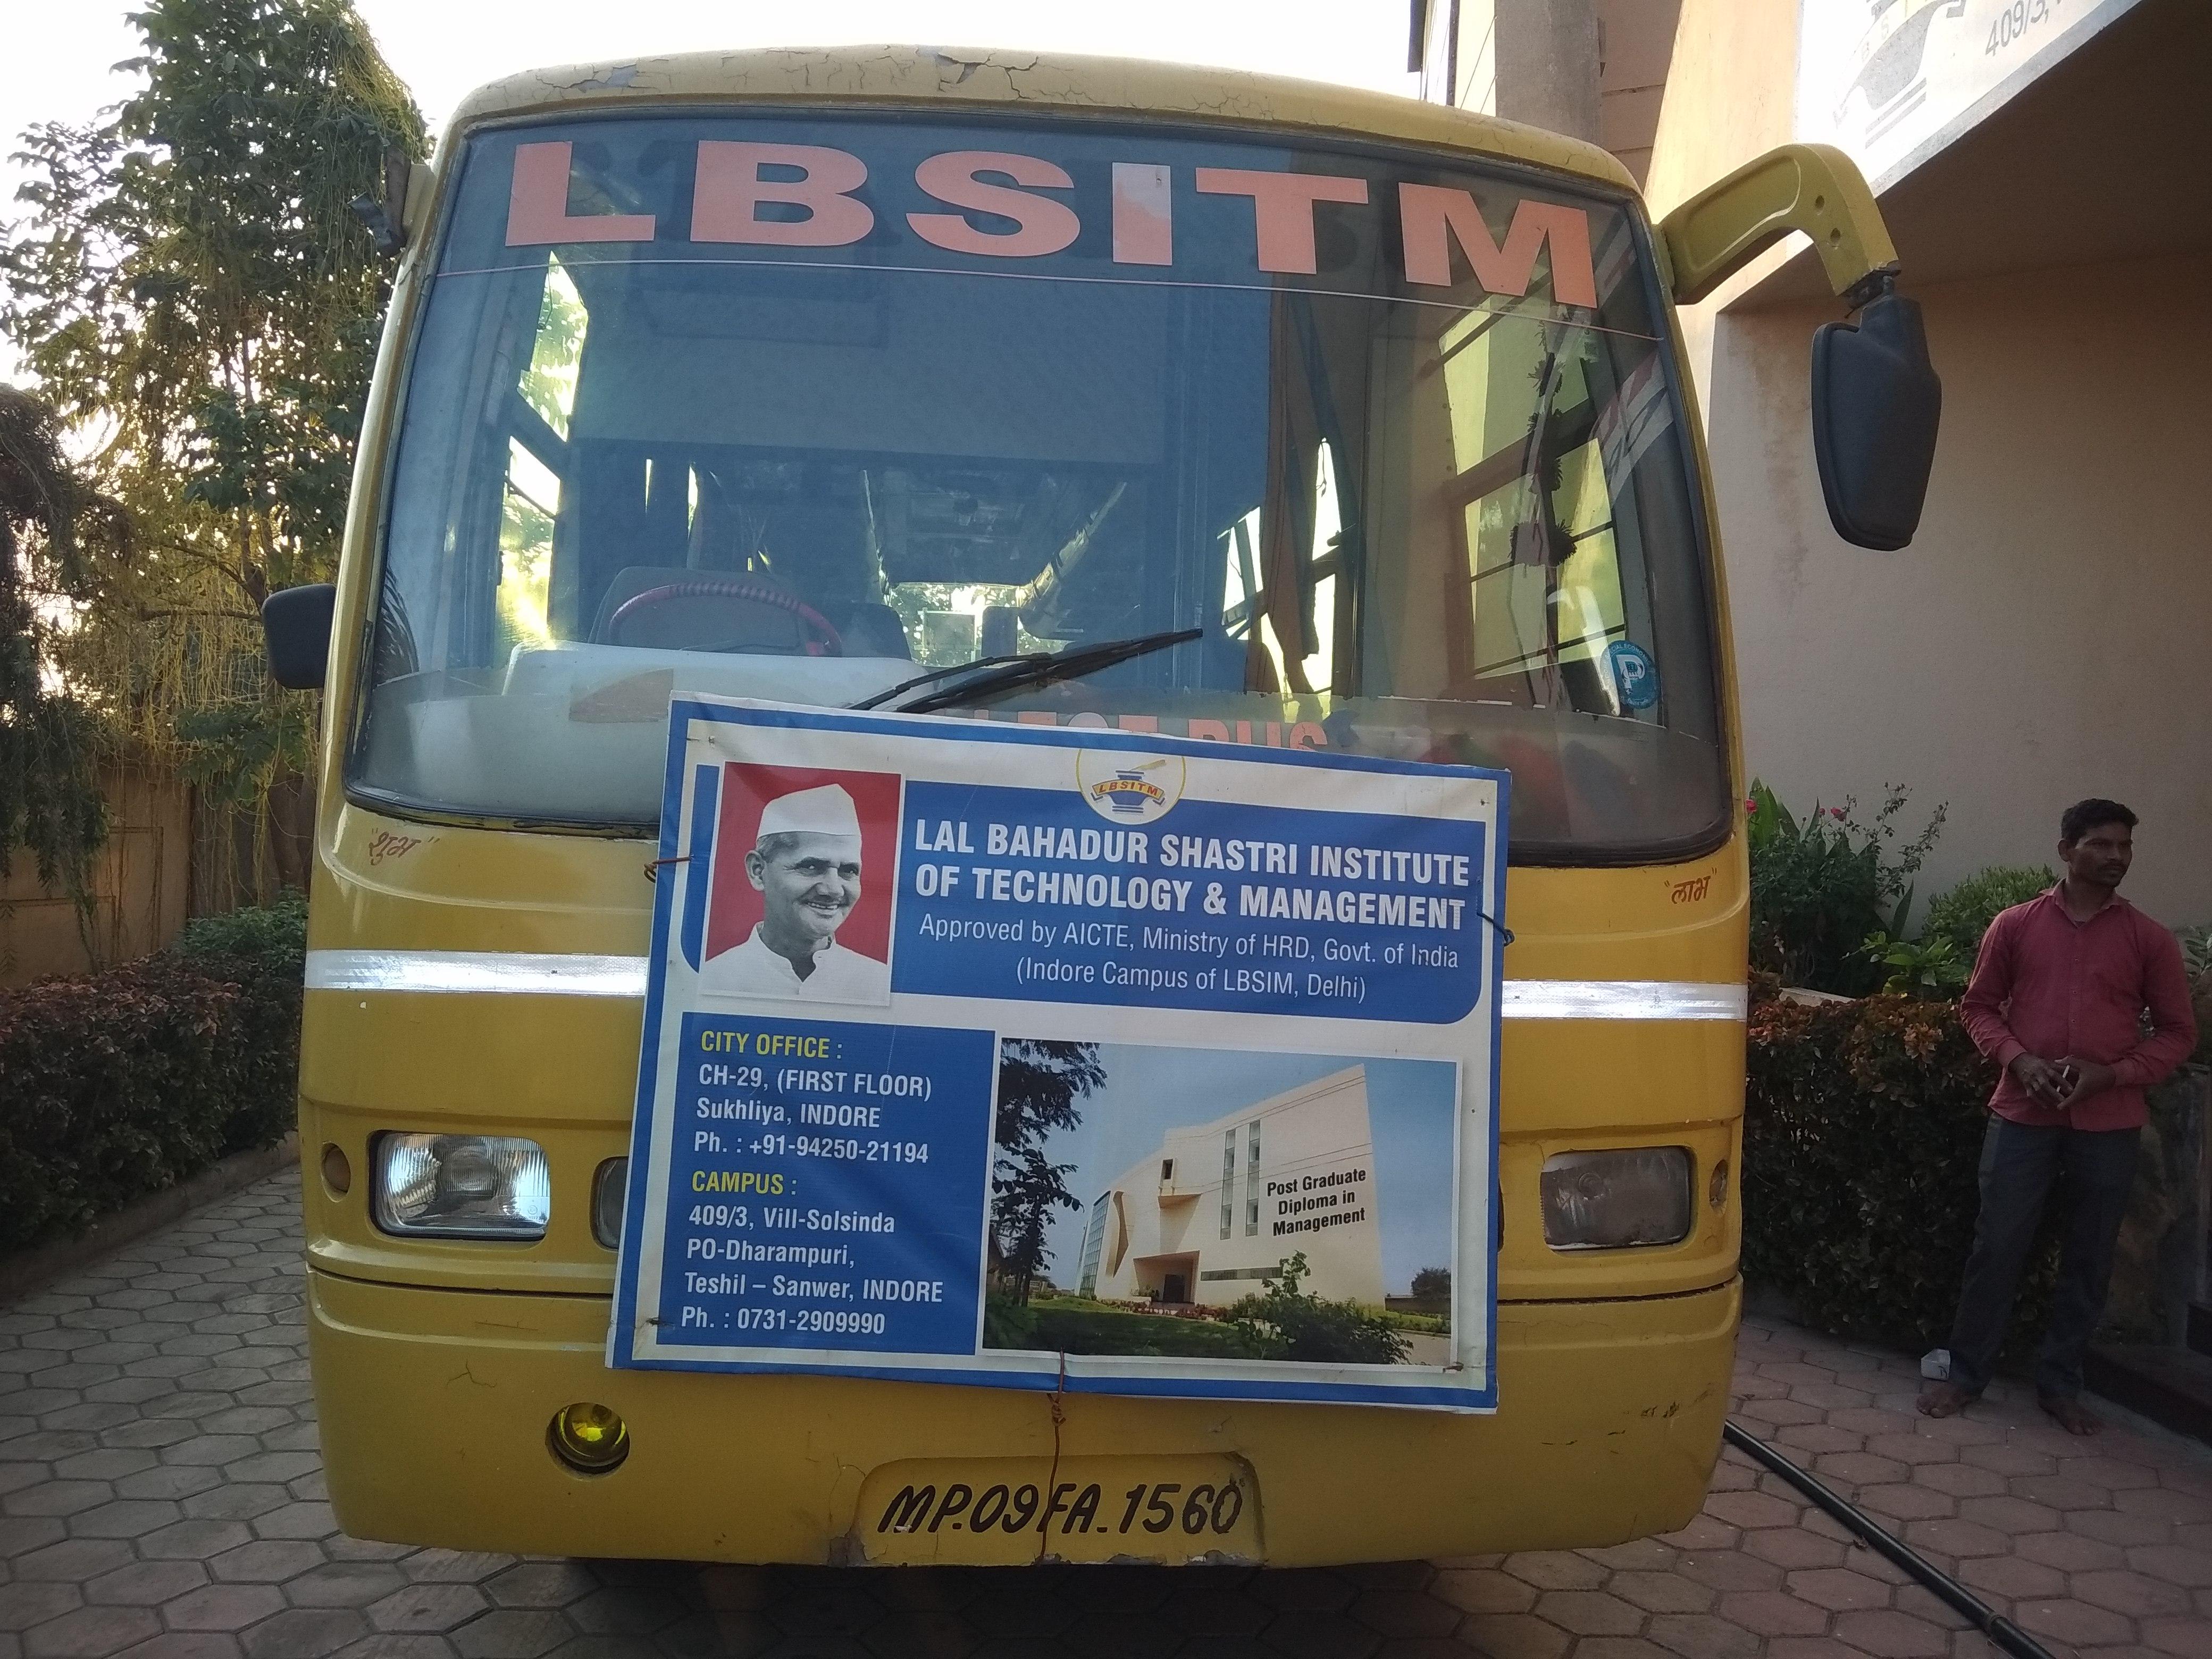 LBSITM Bus